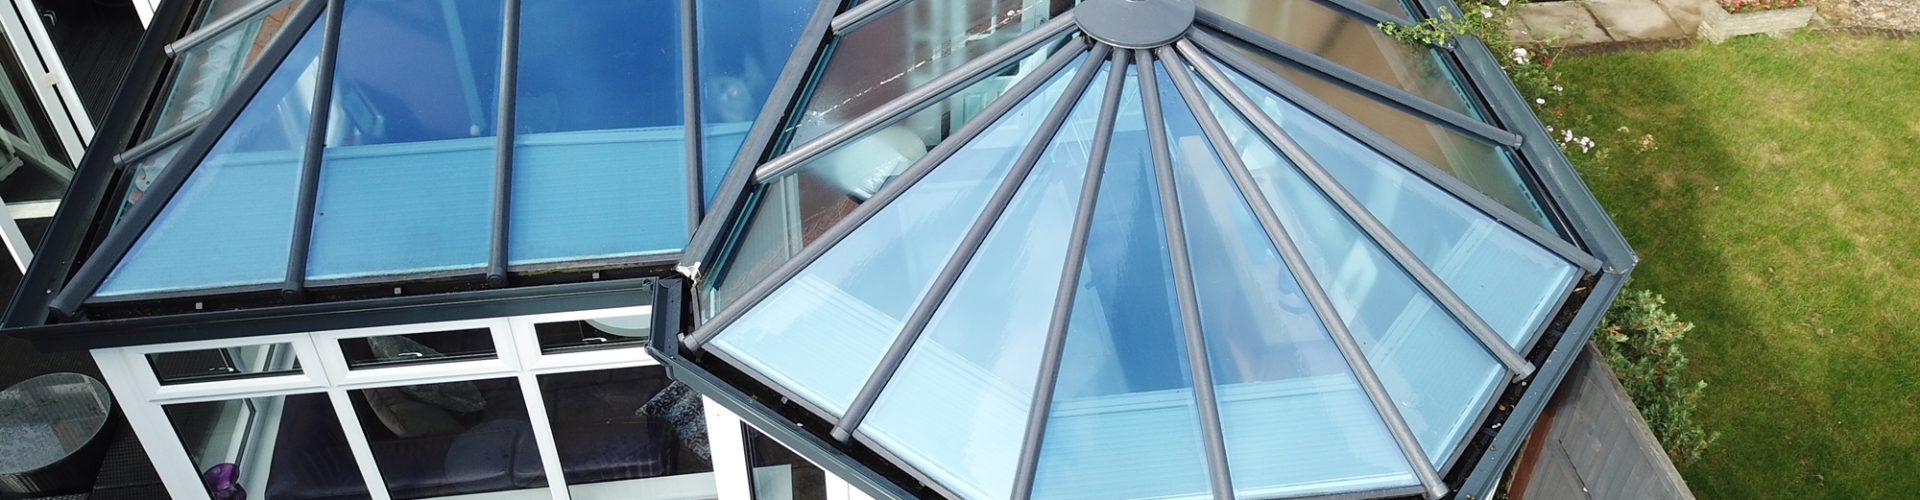 Glass Conservatory, Stevenage